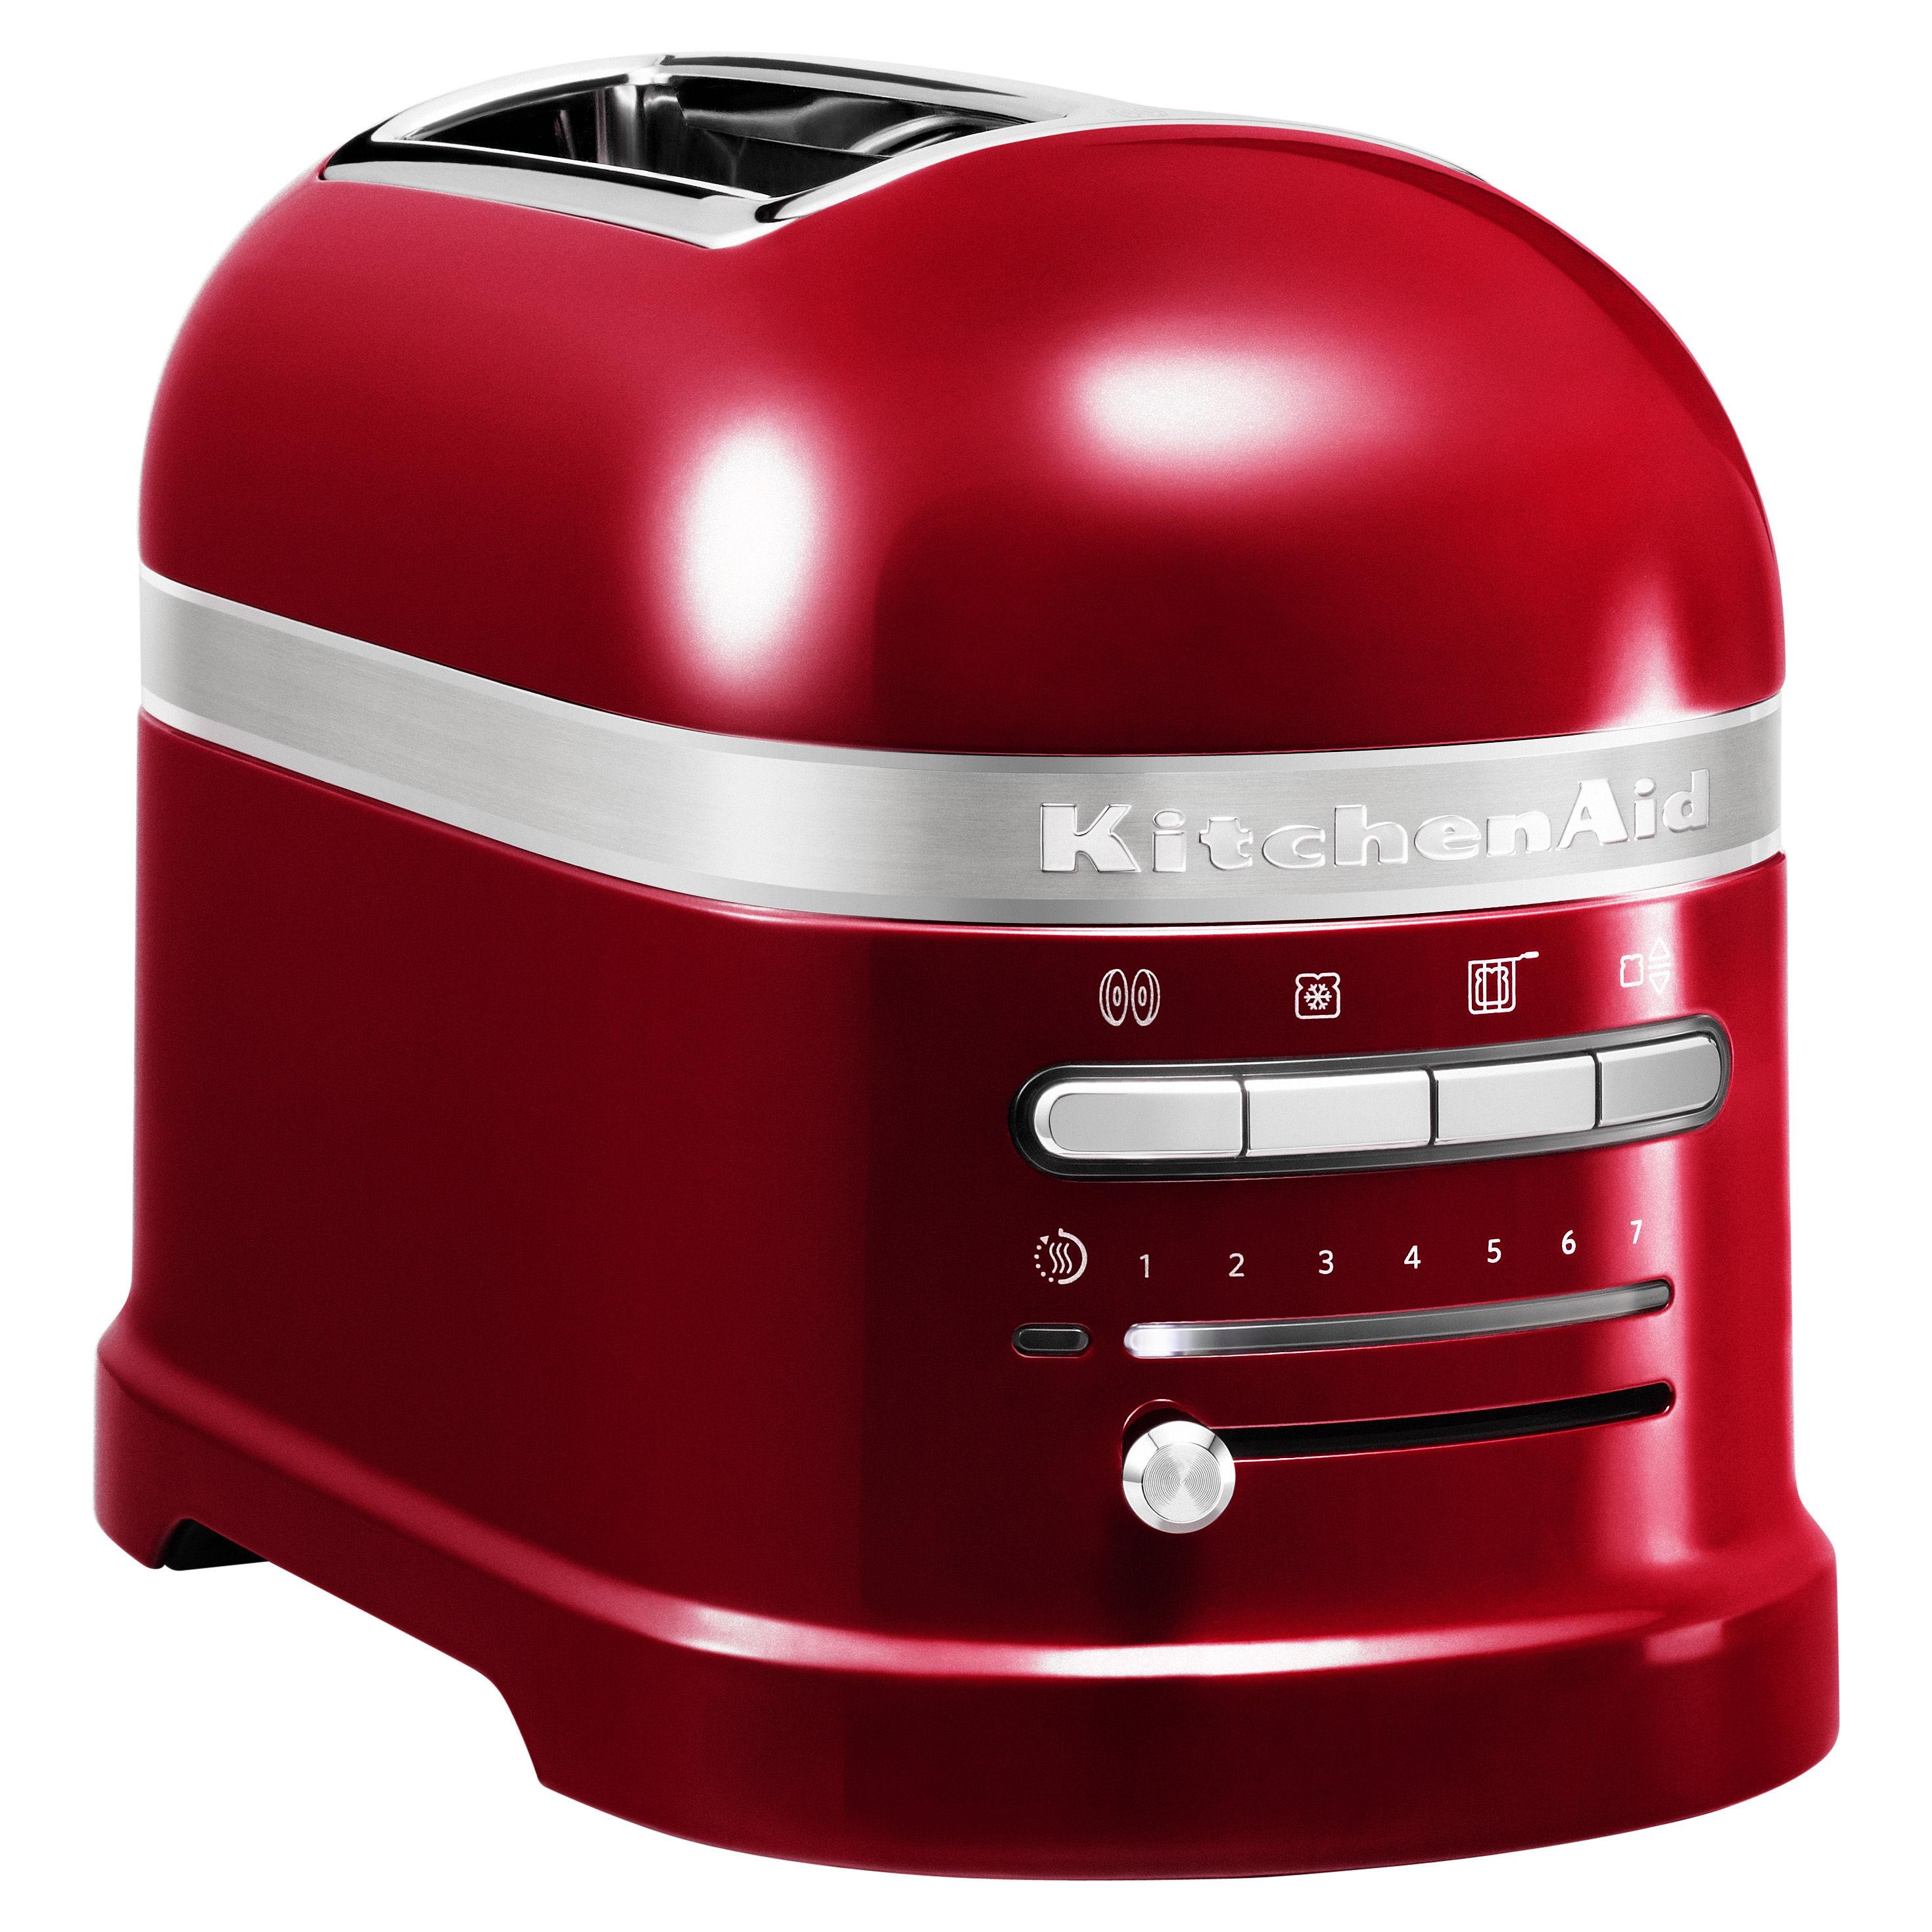 Cuisine - Electroménager - Grille-pain Artisan / 2 tranches - Capteur de chaleur électronique - KitchenAid - Rouge pomme d'amour - Aluminium moulé